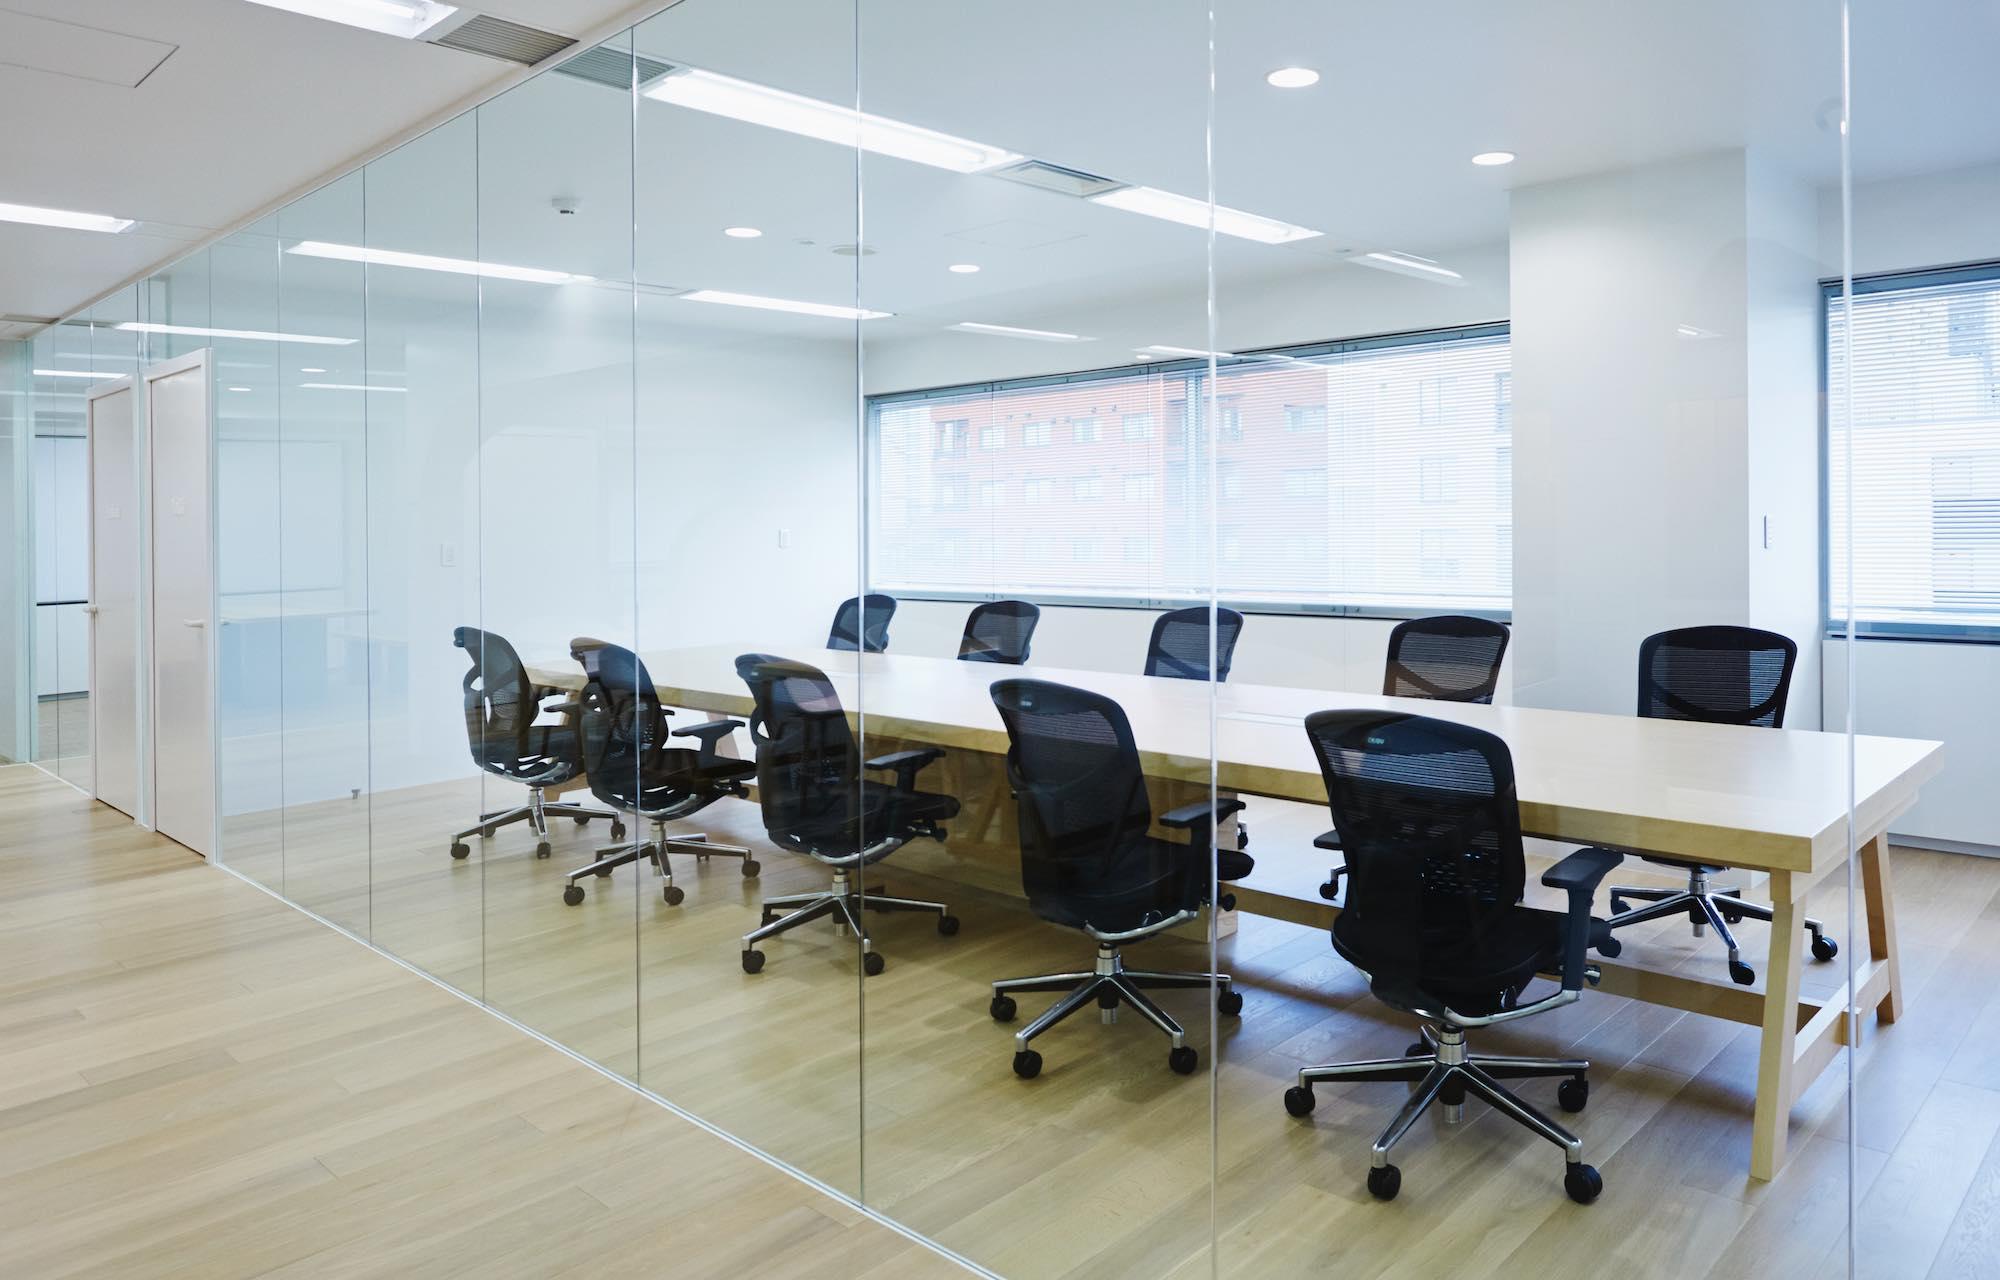 ダイアモンドヘッド株式会社 Tokyo Office Meeting Room デザイン・レイアウト事例